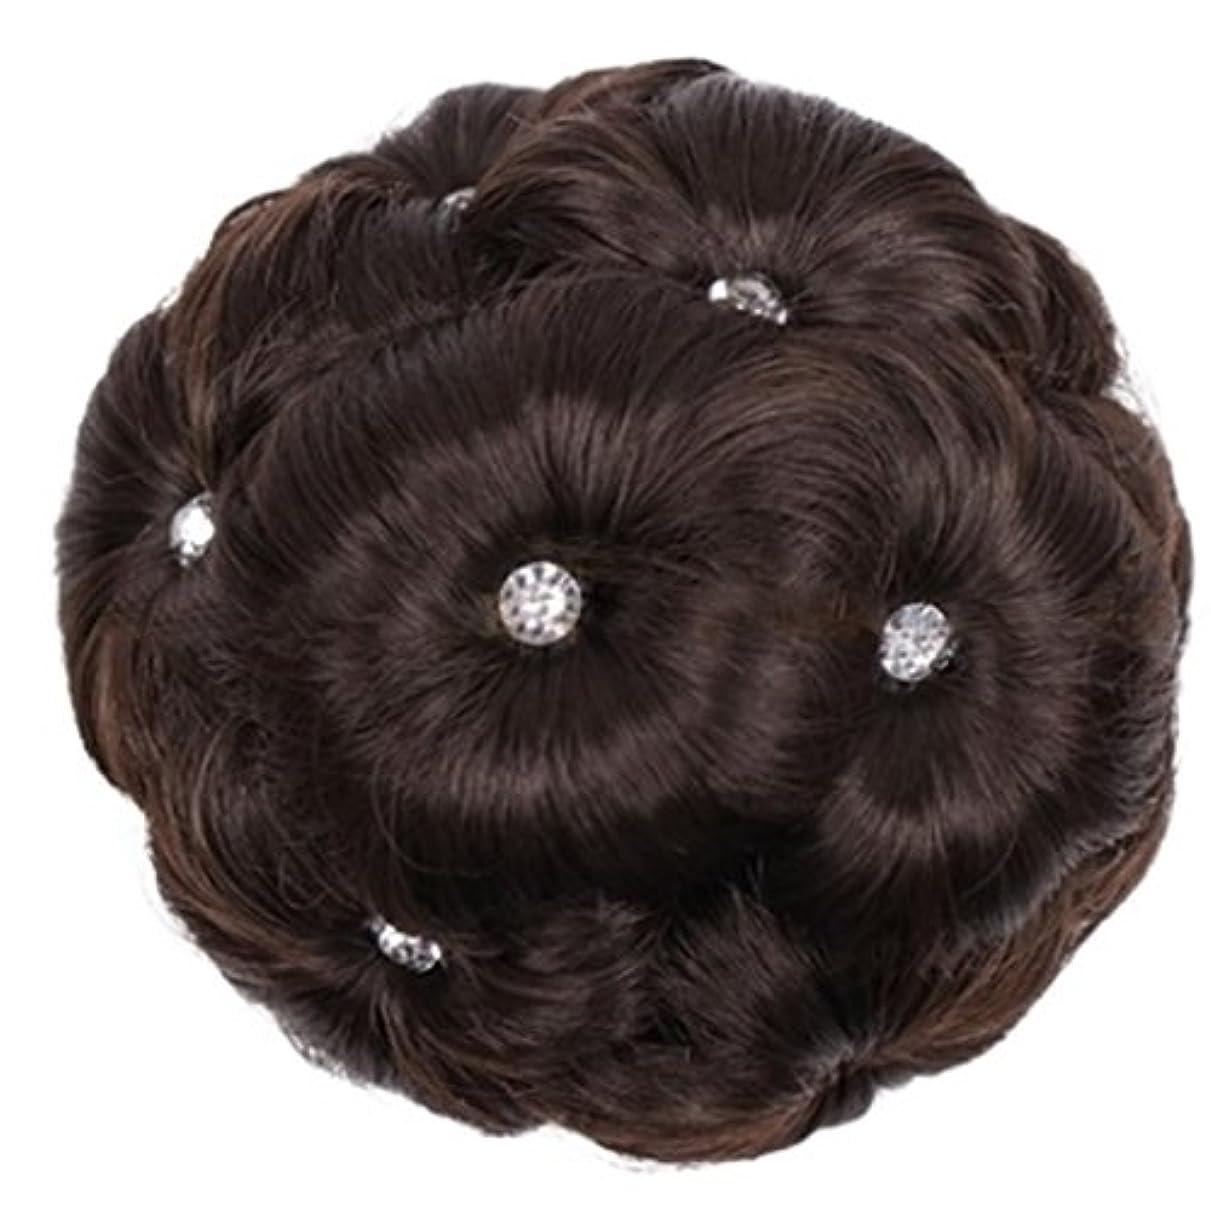 反逆者インテリアテメリティDoyvanntgo 合成繊維髪の毛の拡張子は、ドリルナインフラワーヘッドと女性のためのスクーチーヘアピース (Color : 4#)